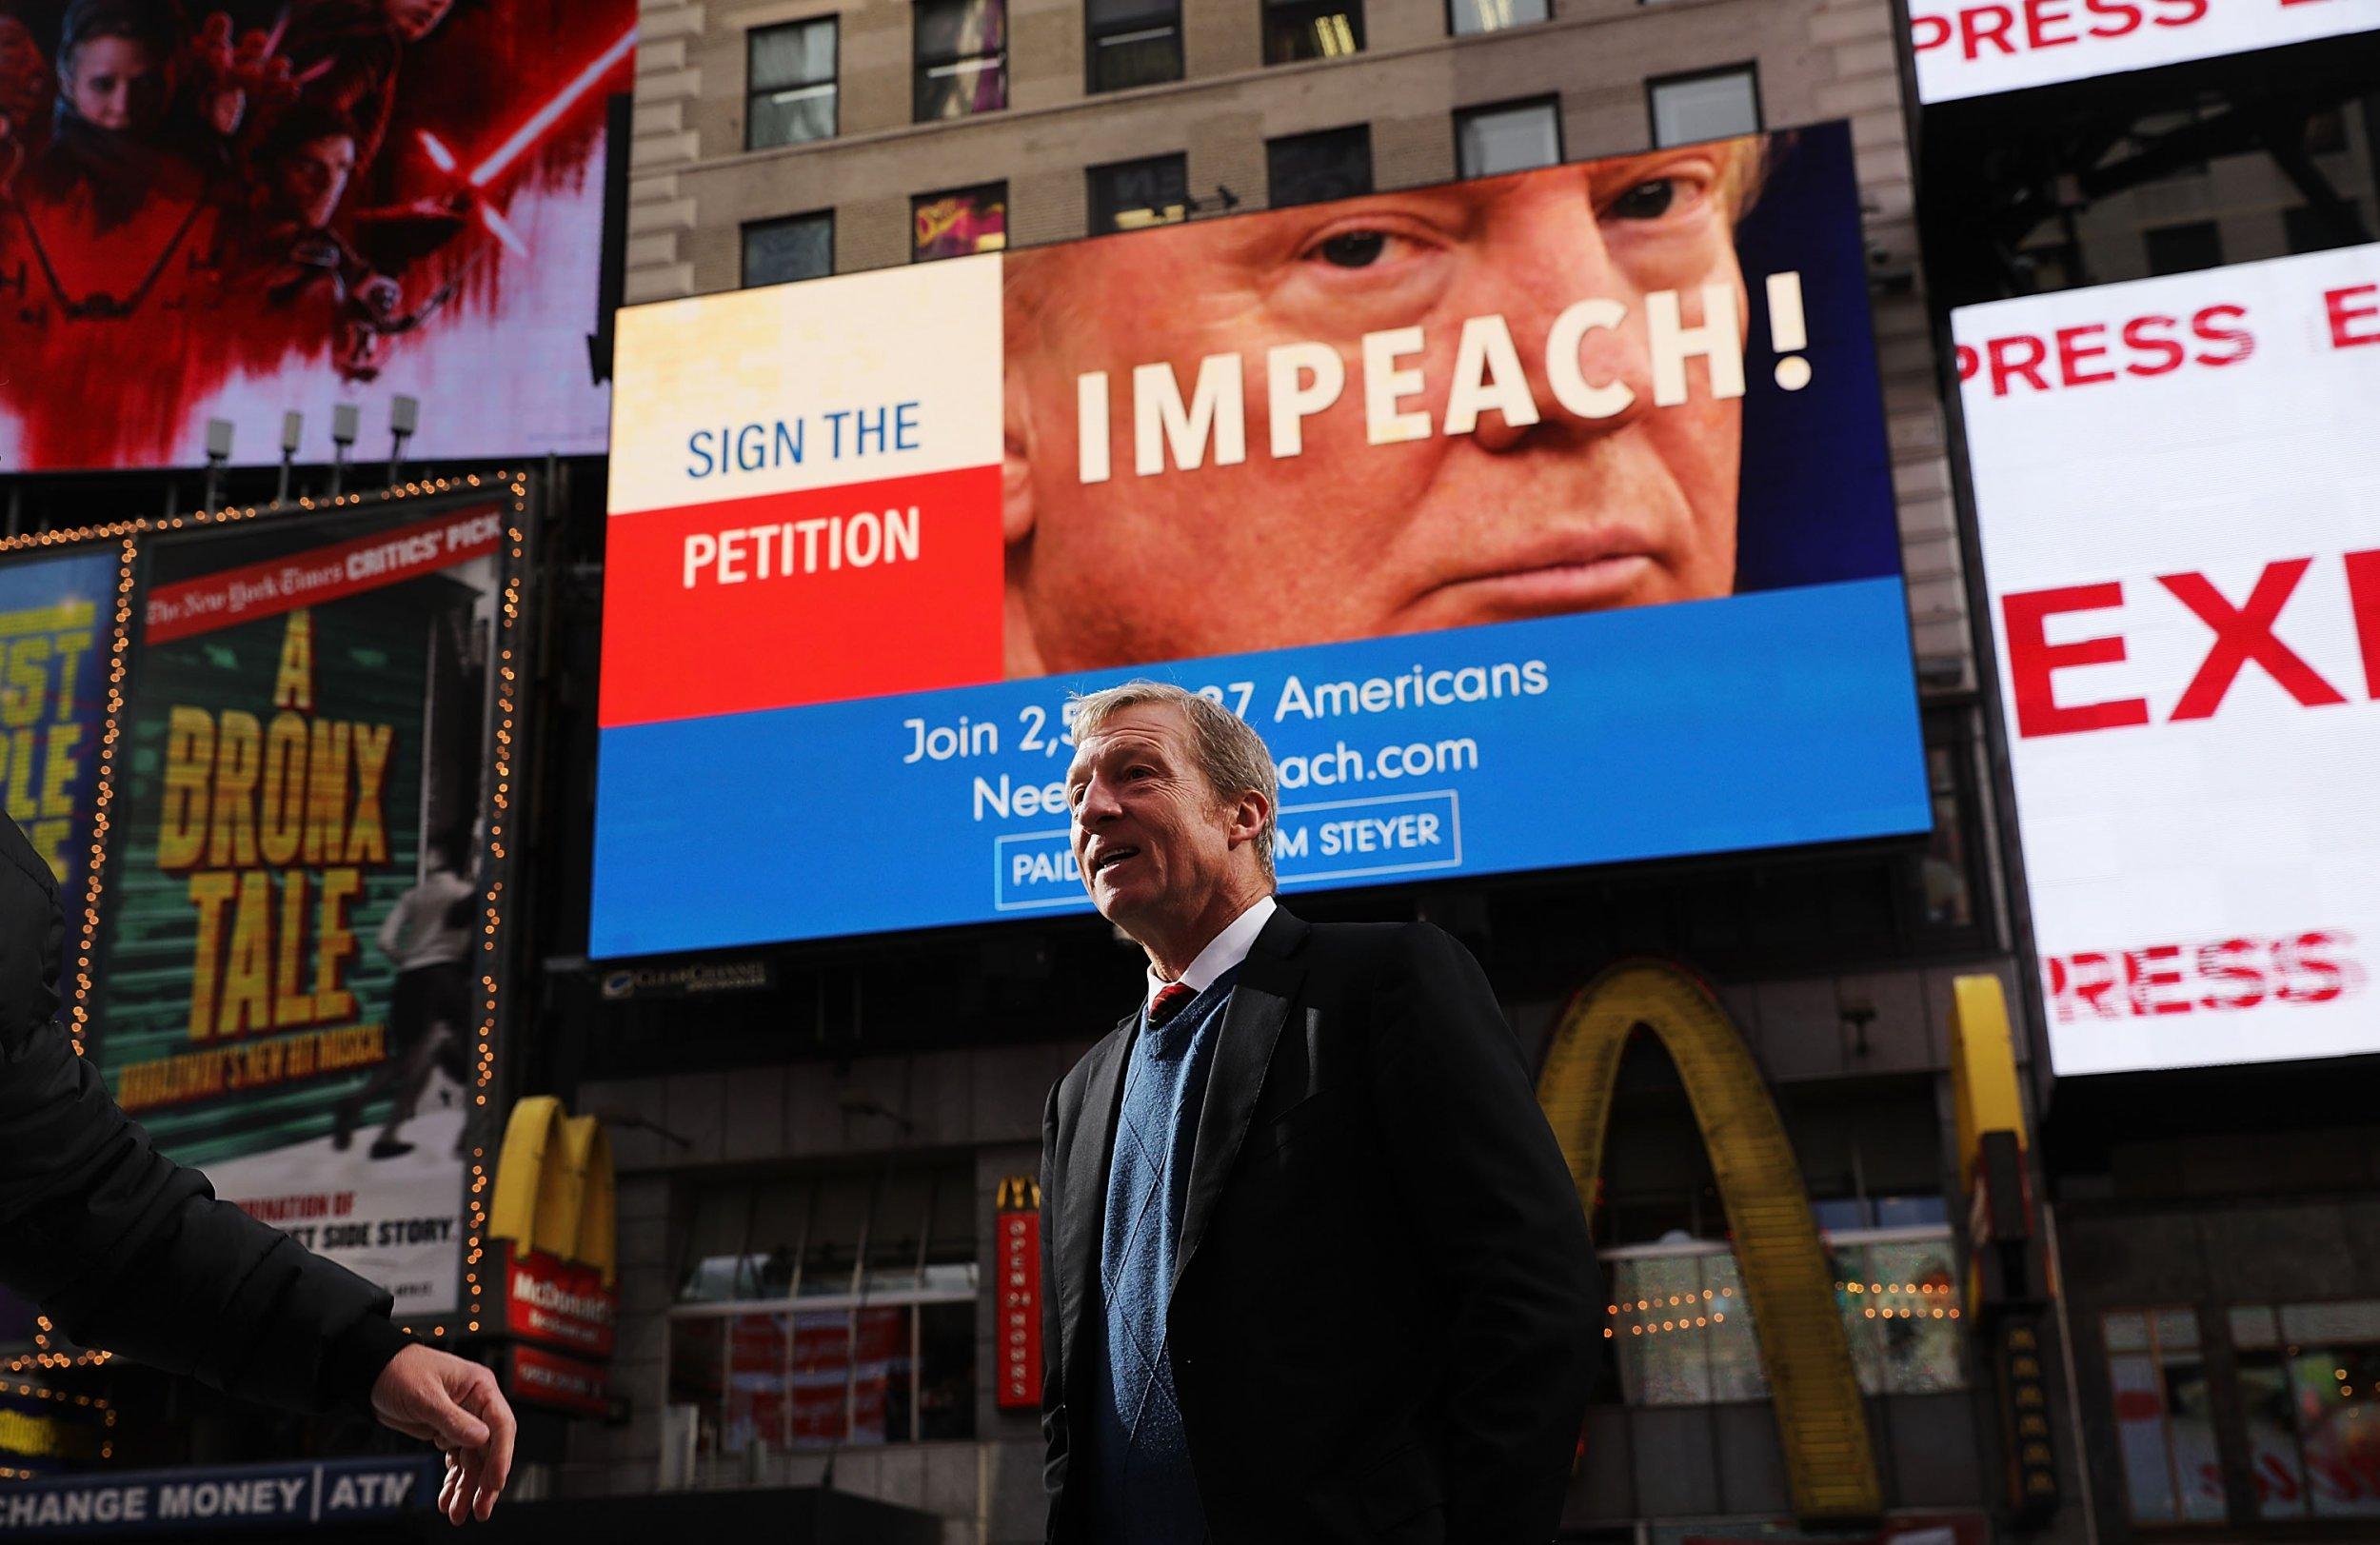 12_21_17_ImpeachTrump